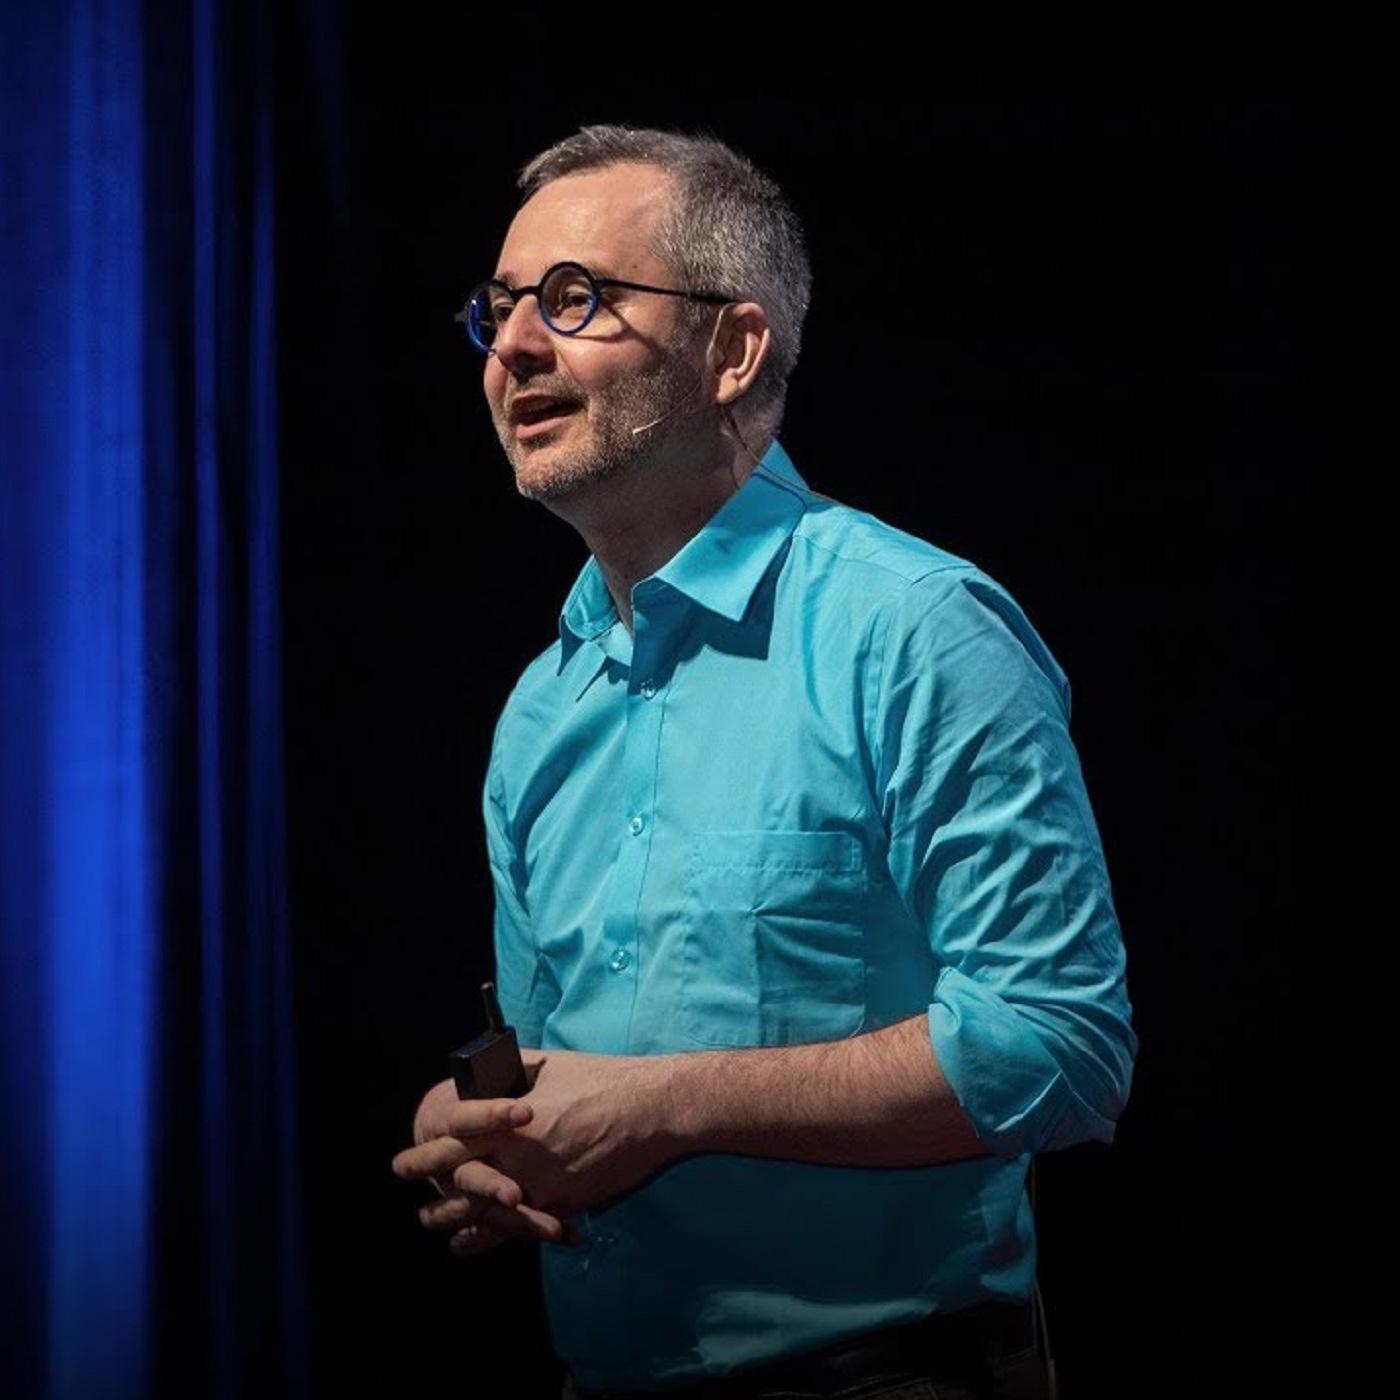 Настоящая взаимосвязь между вашим возрастом и шансом на успех (Альберт-Ласло Барабаши)